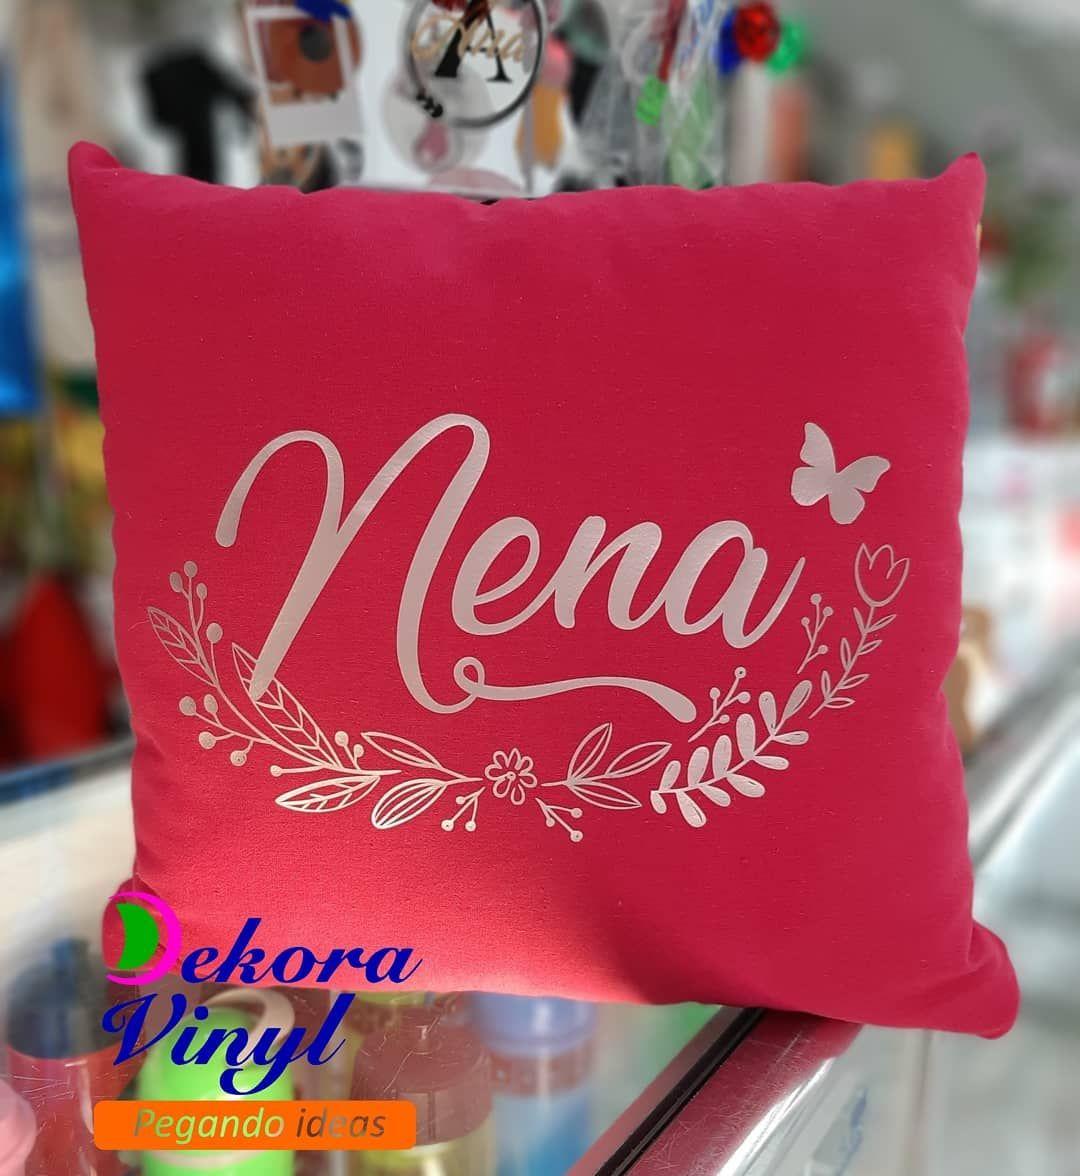 funcoo 240/Lovely Cute sobre etiqueta sello adhesivo decorativo /álbumes de recortes Craft adhesivo para el hogar dise/ño de boda Hand Made oficina